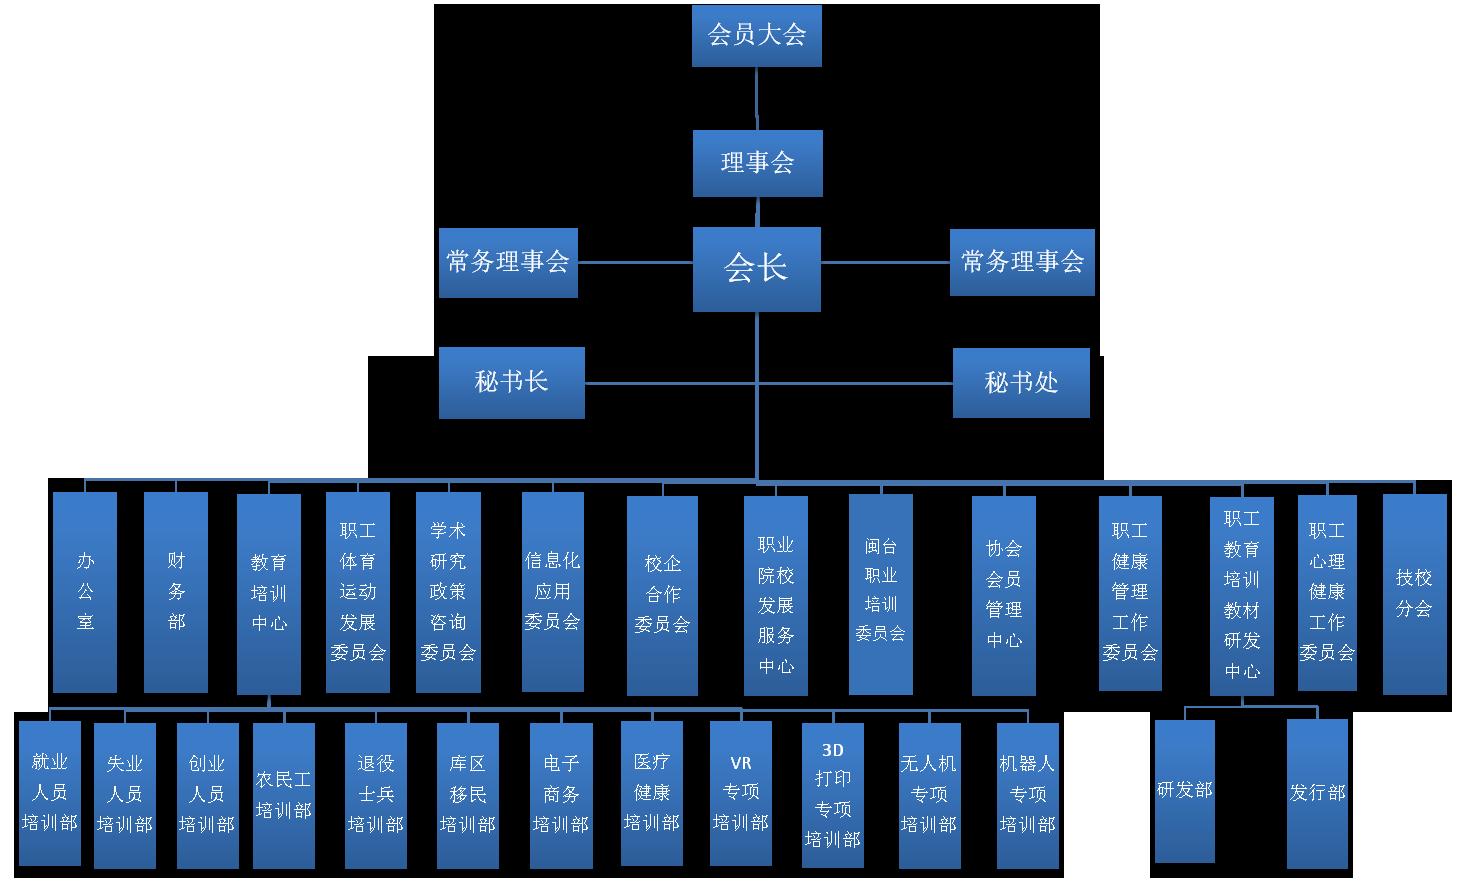 现在使用组织架构图 (1).png